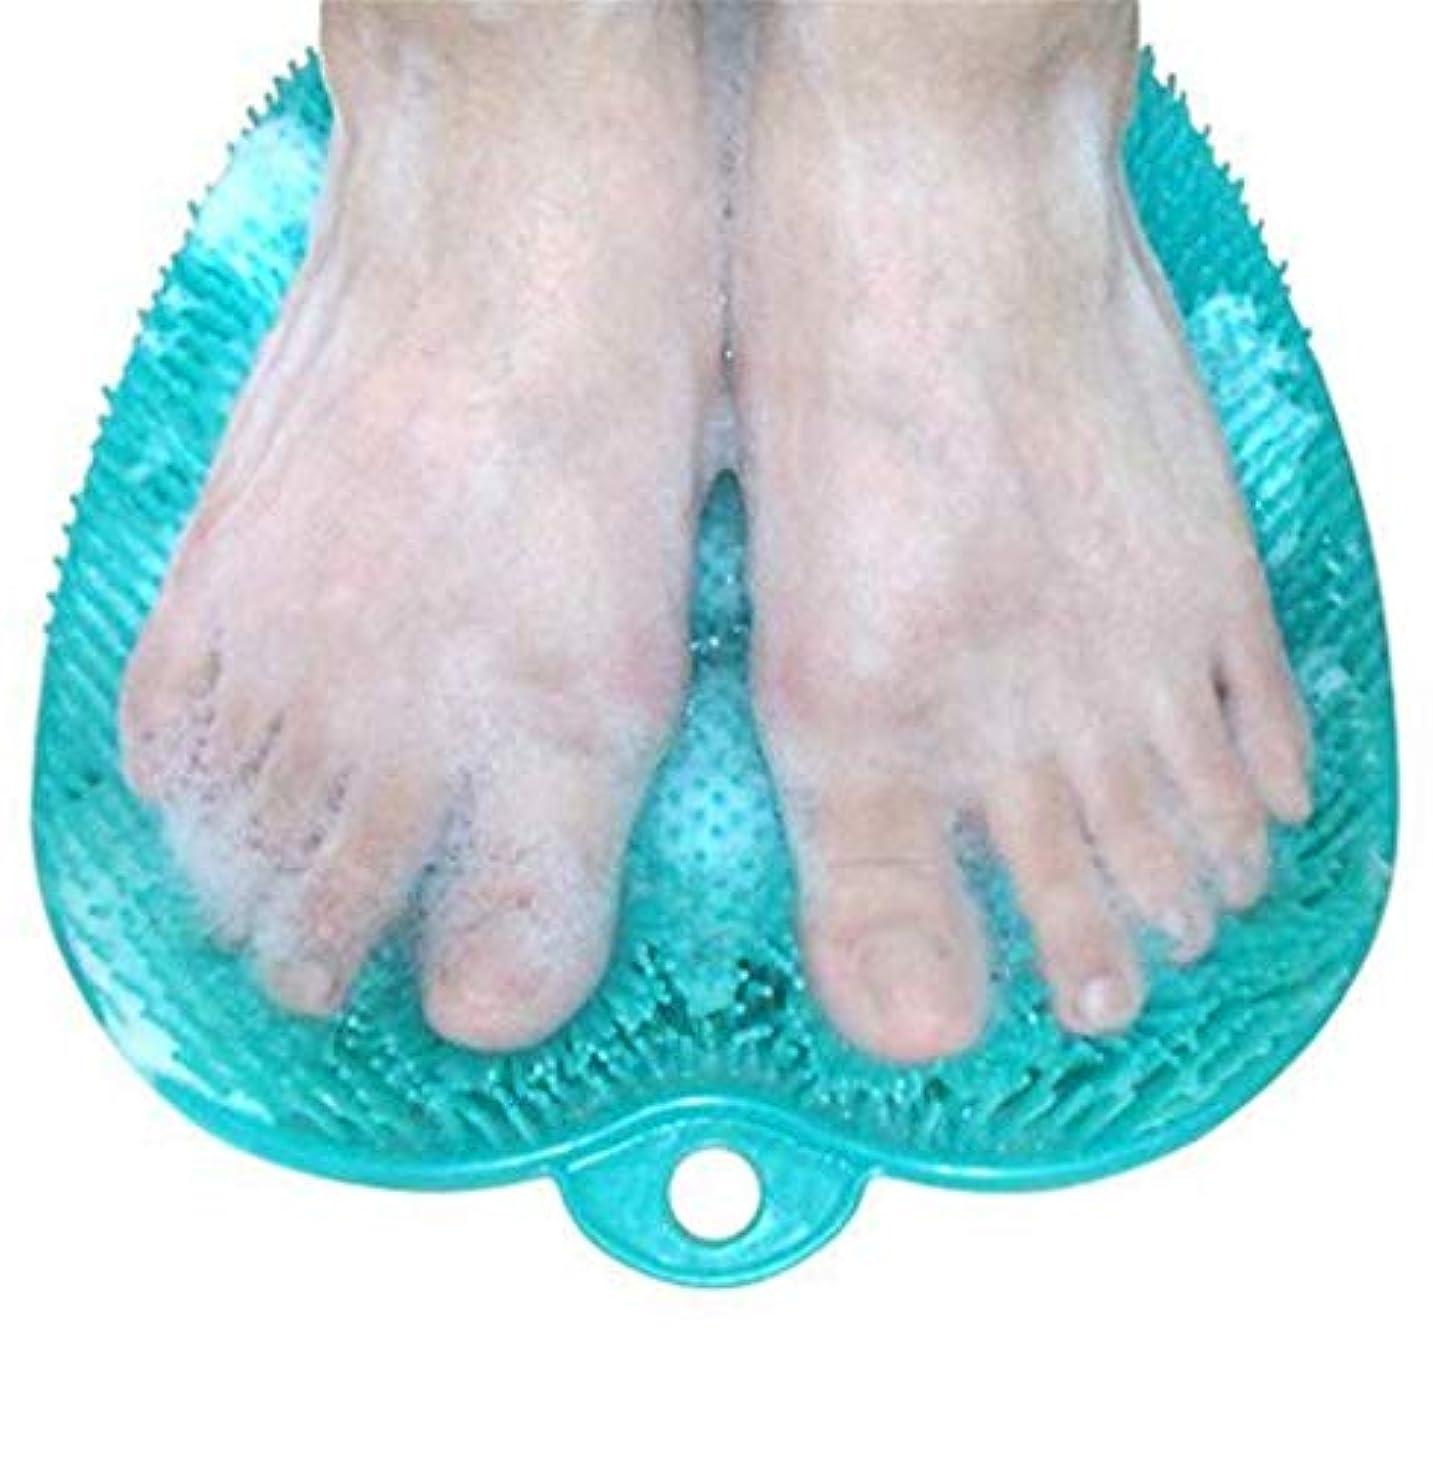 外部凝視入手します滑り止めの吸引のコップが付いているNewthinkingのフィートのスクラバーの洗剤のマッサージャーのマッサージャーのブラシおよびフットケアのための柔らかい足の指圧のマッサージのマット